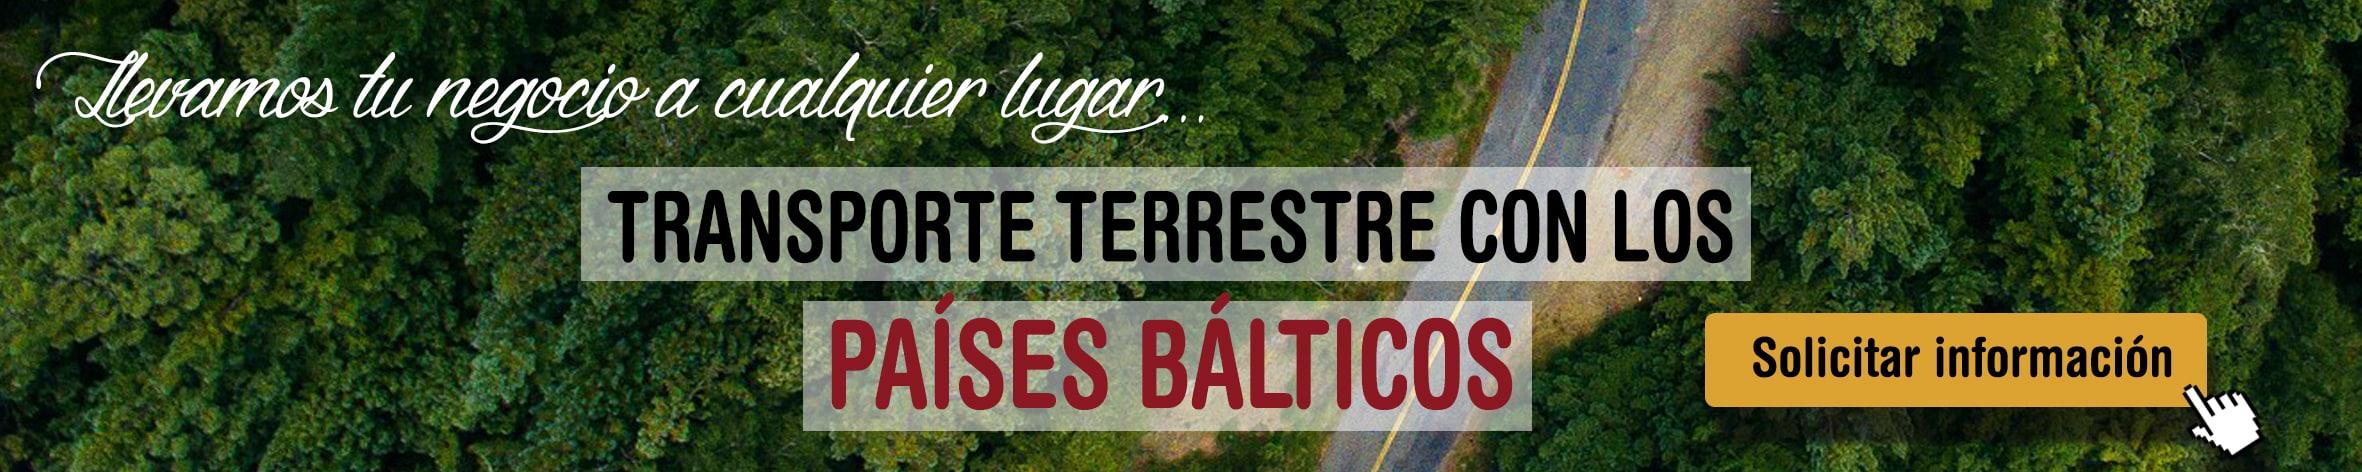 banner-balticos